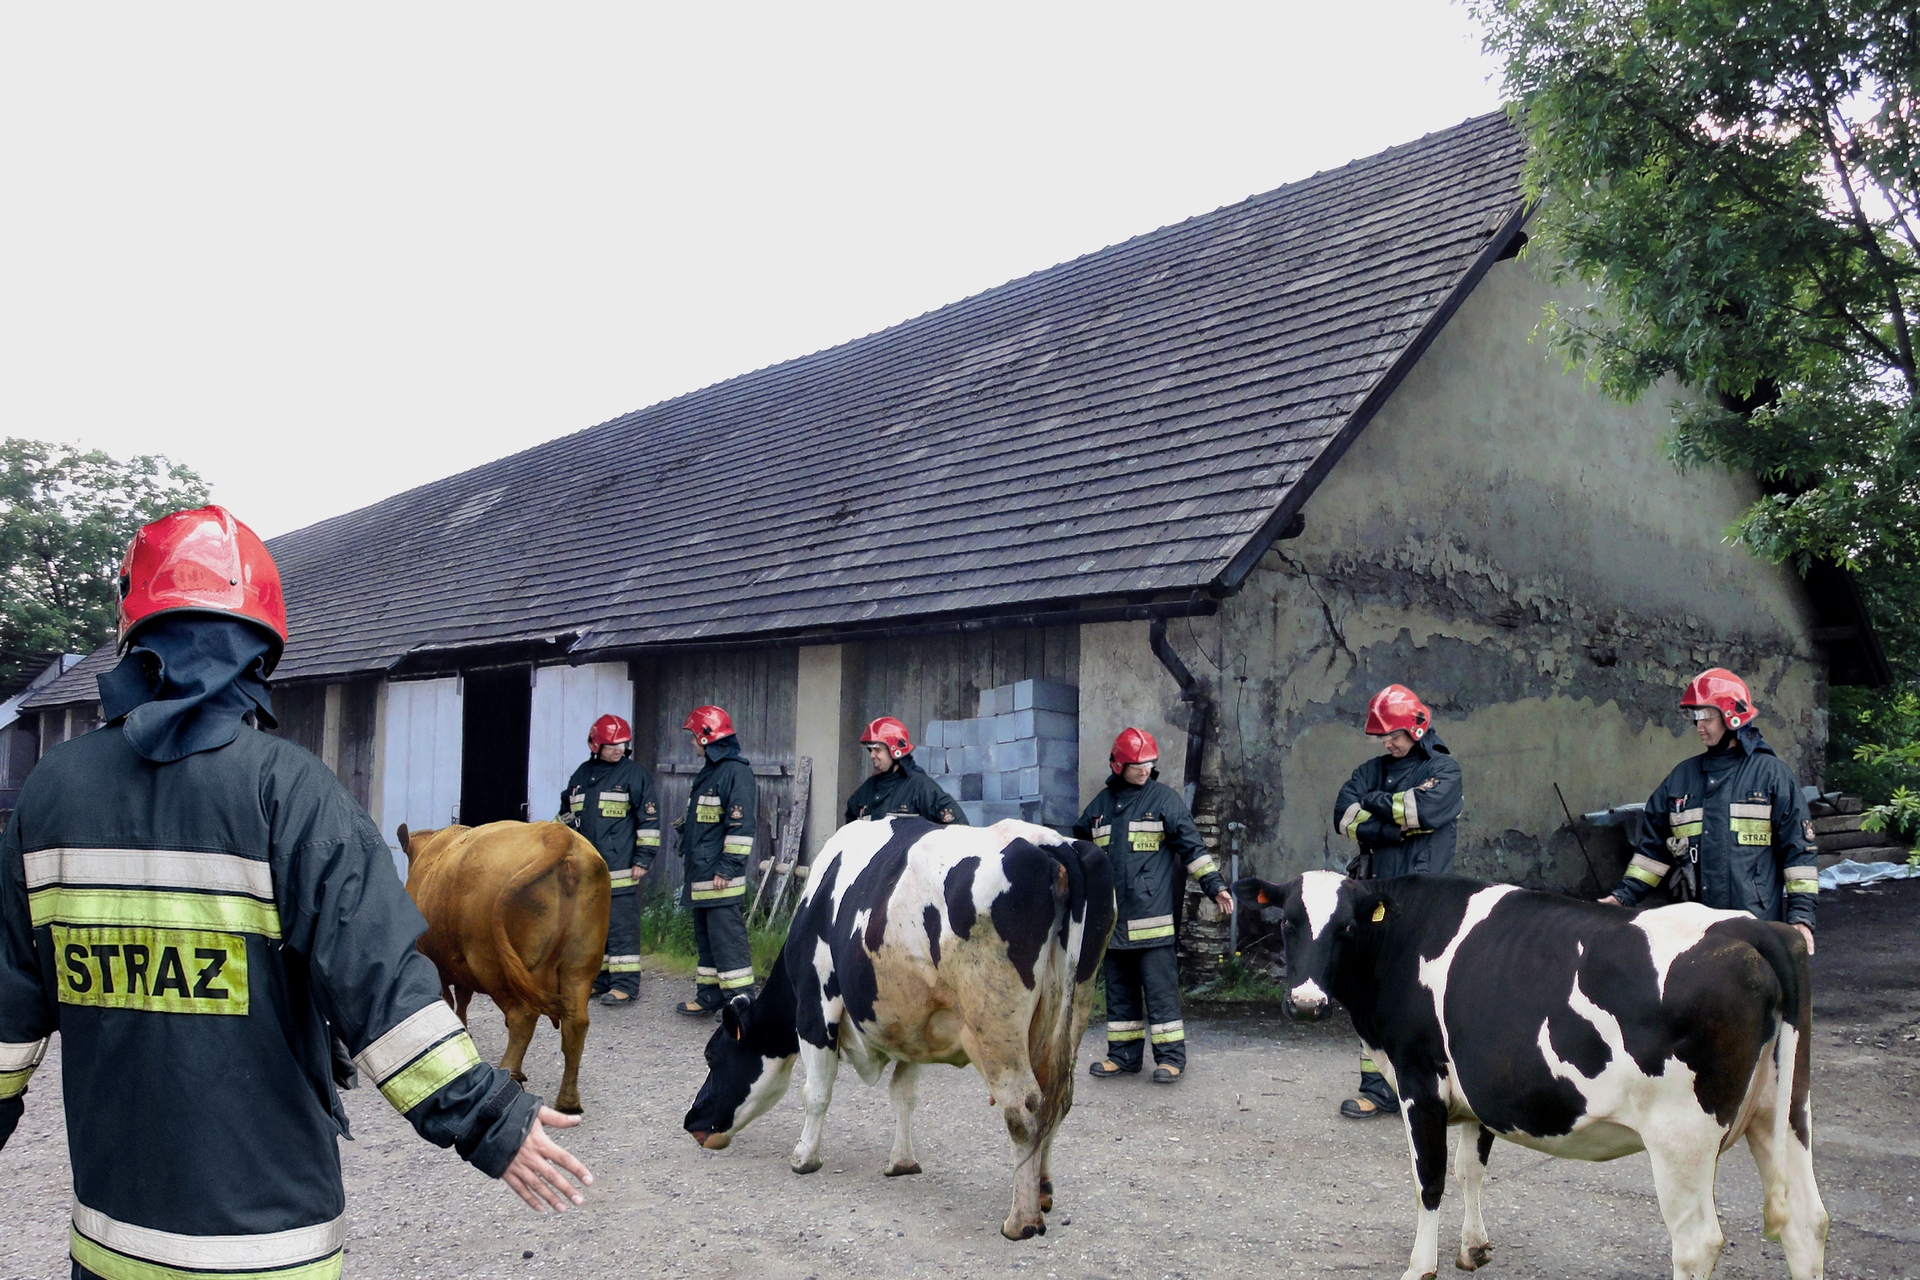 Zdjęcie przedstawia ewakuację zwierząt hodowlanych wzabudowaniach wiejskich. Sześciu strażaków stoi wszeregu wzdłuż podwórka gospodarstwa wiejskiego. Przed strażakami trzy krowy, idą jedna za drugą. Strażacy stoją przodem do ewakuowanych krów. Wlewym dolnym rogu zdjęcia strażak plecami zwrócony do obserwatora.